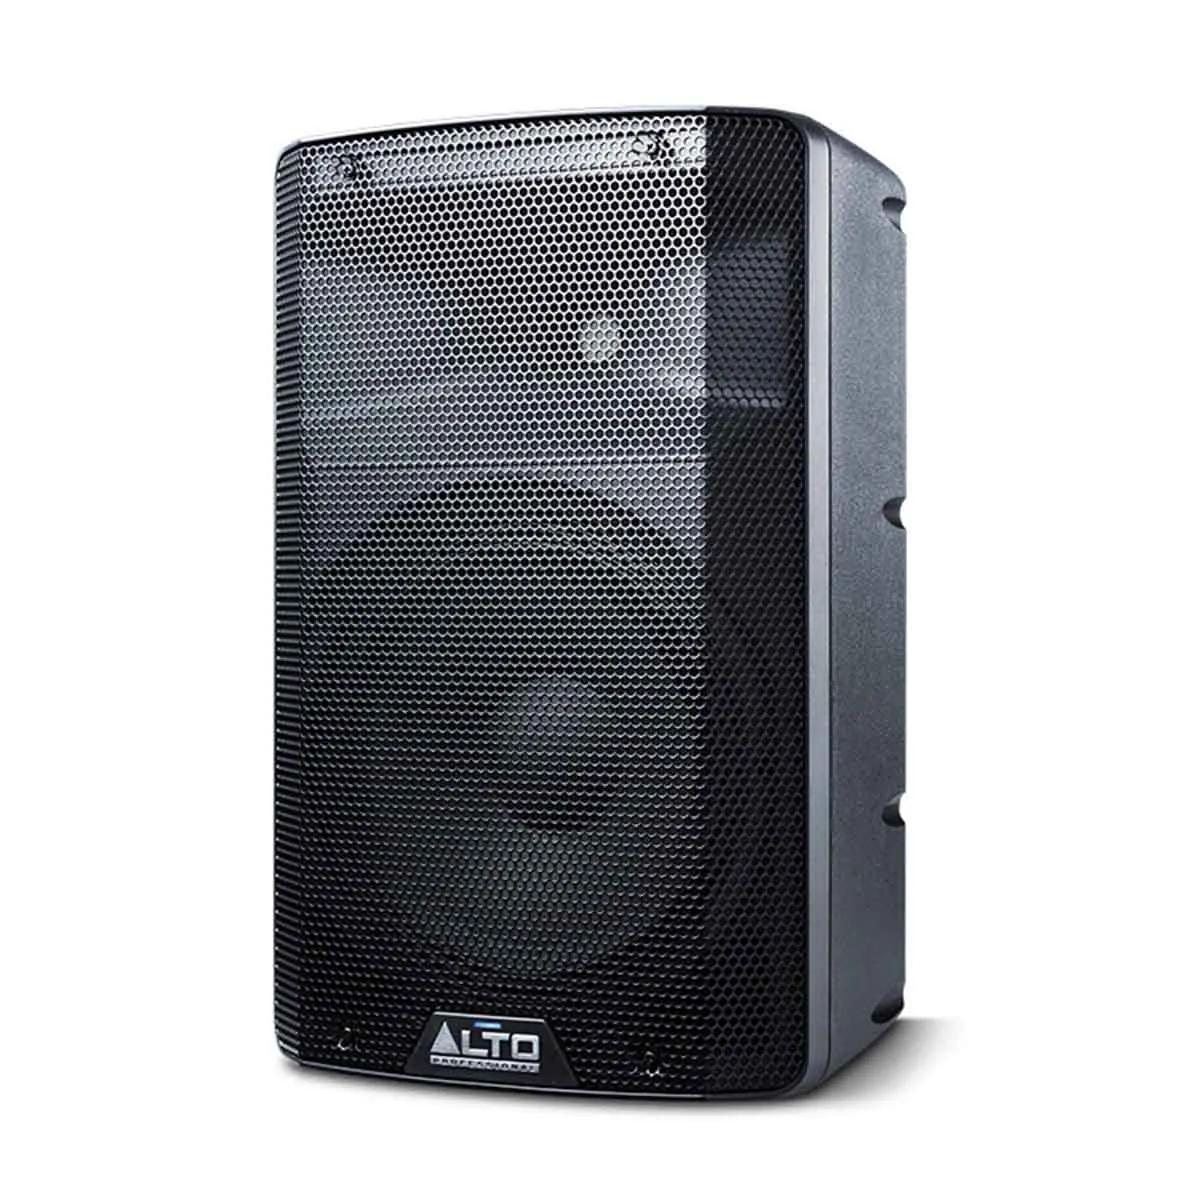 Caixa Acústica Ativa Alto Professional TX210 1x10 300W